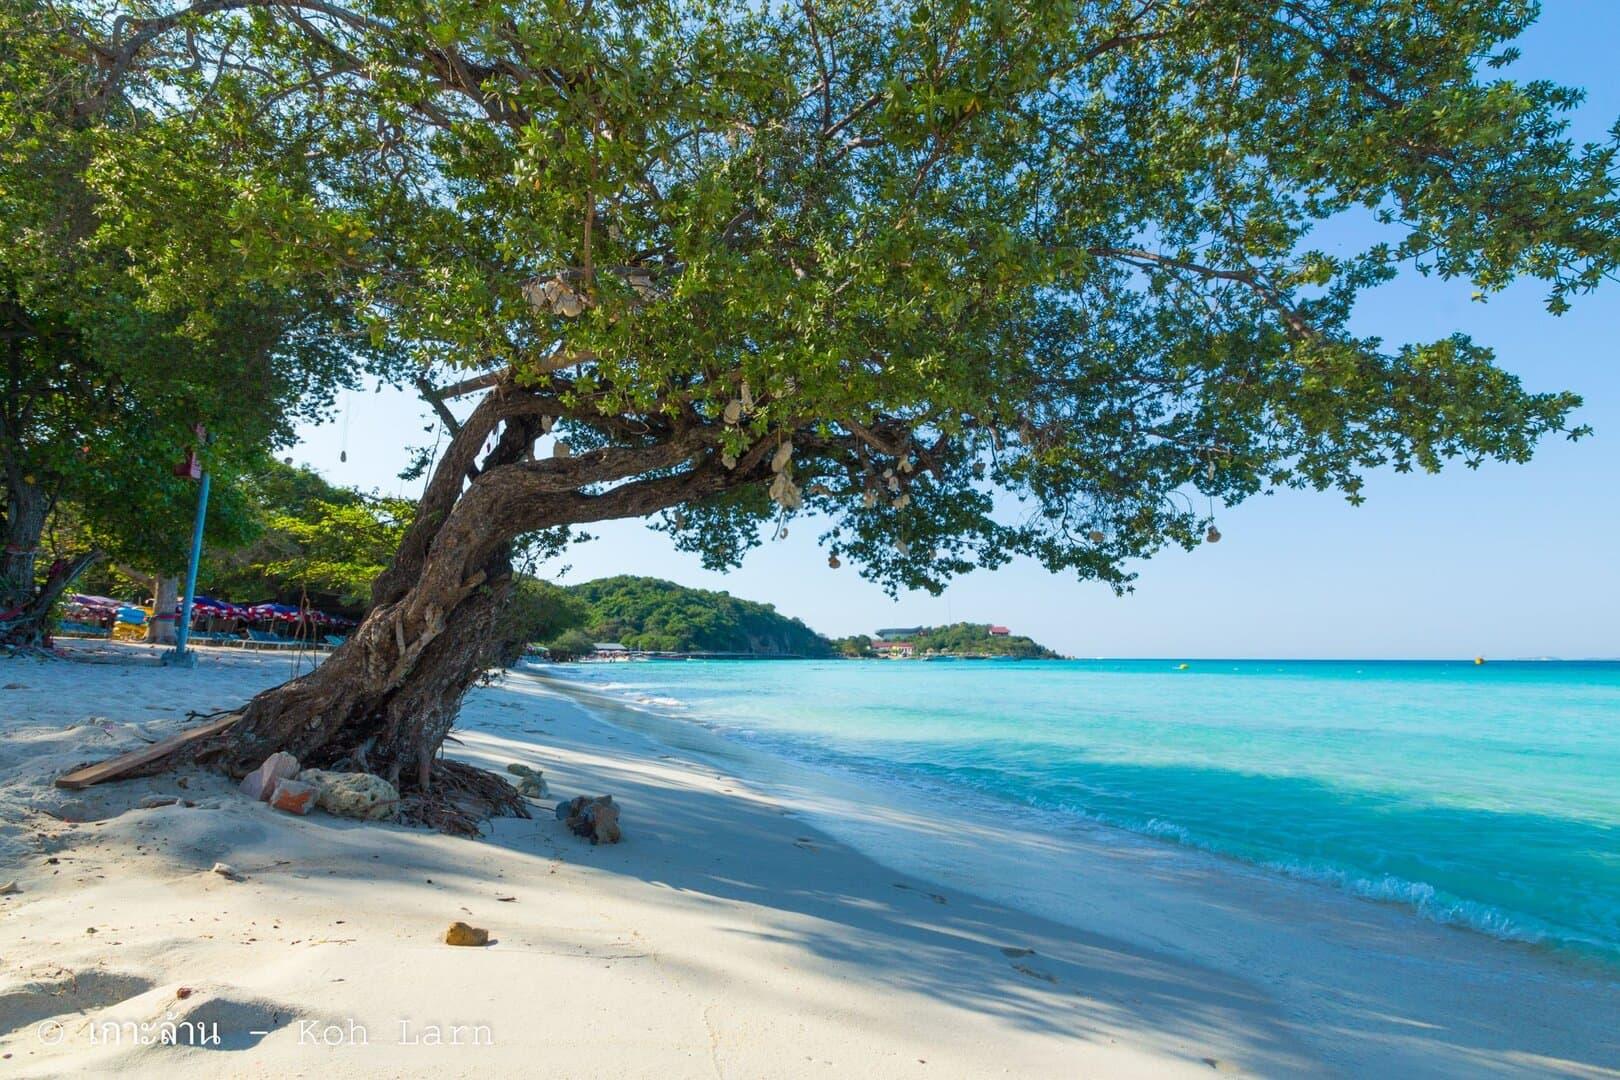 Koh Larn Thaiföld beutazás korlátozás nélkül